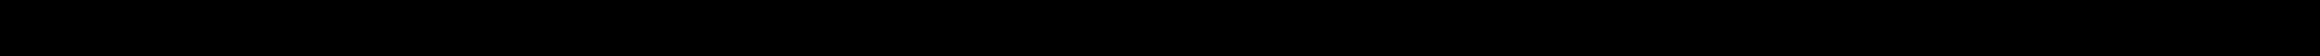 METZGER 34 11 1 157 041, Z 1306X, 928 351 947 00, 4D0 698 647, 8V0 698 647 Føringshylsesett, bremsecaliper